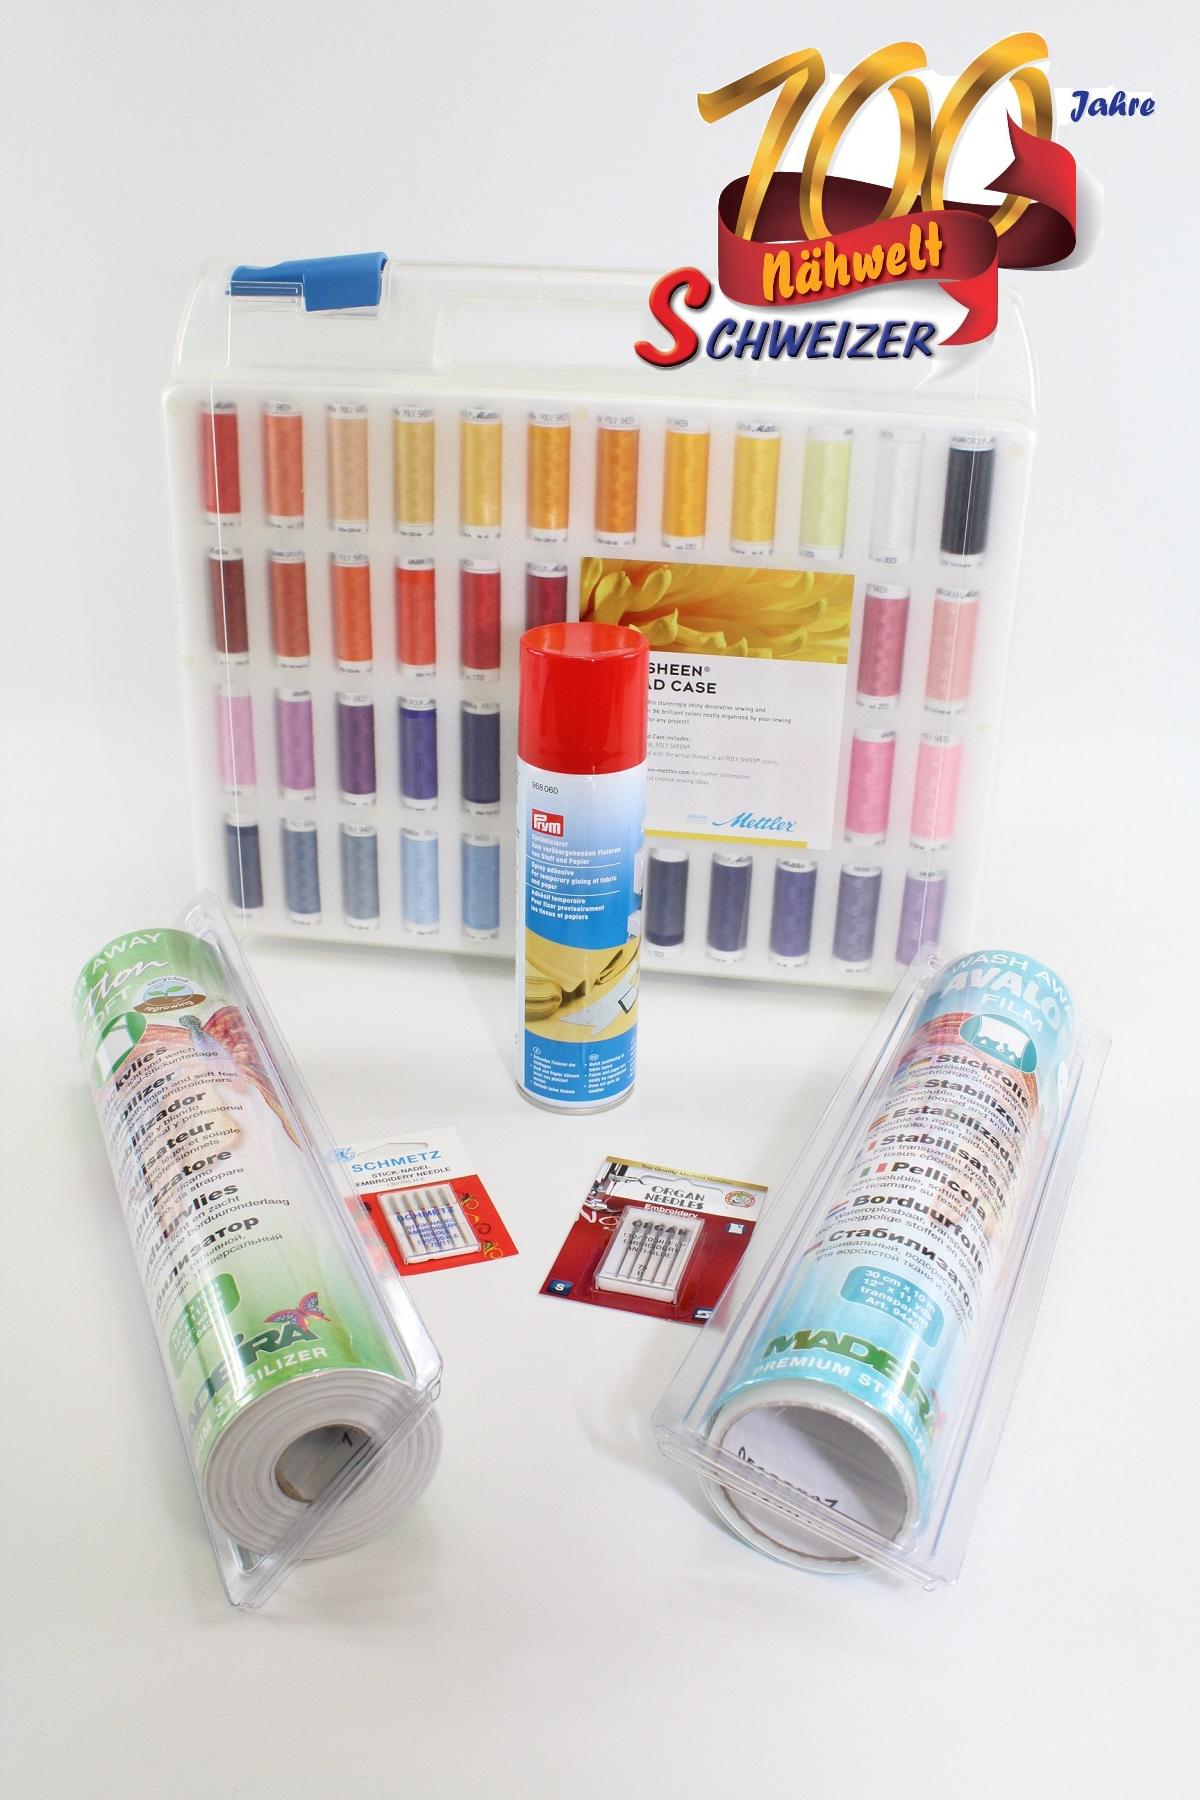 Stickgarnkoffer gefüllt mit Poly Sheen 200m//96 Farben von Amann Mettler